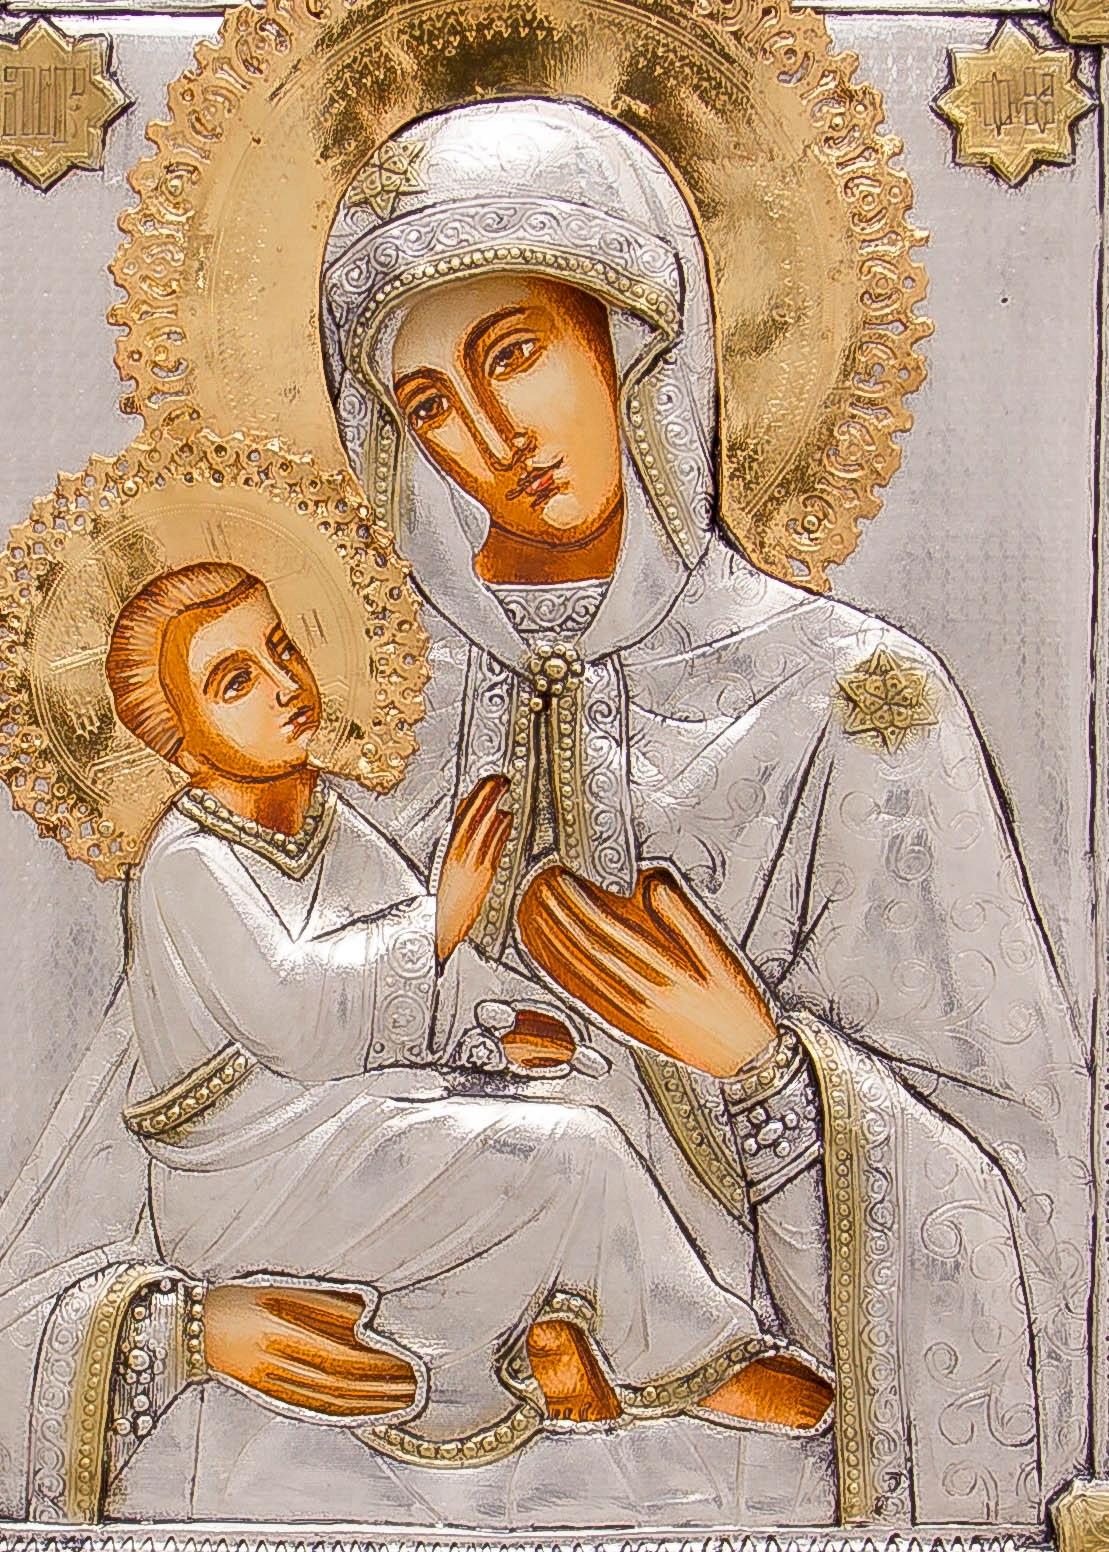 Ikona Matki Bożej Chełmskiej DEDYKACJA DUŻA nr 92 Rodzaj przedstawienia Matka Boża